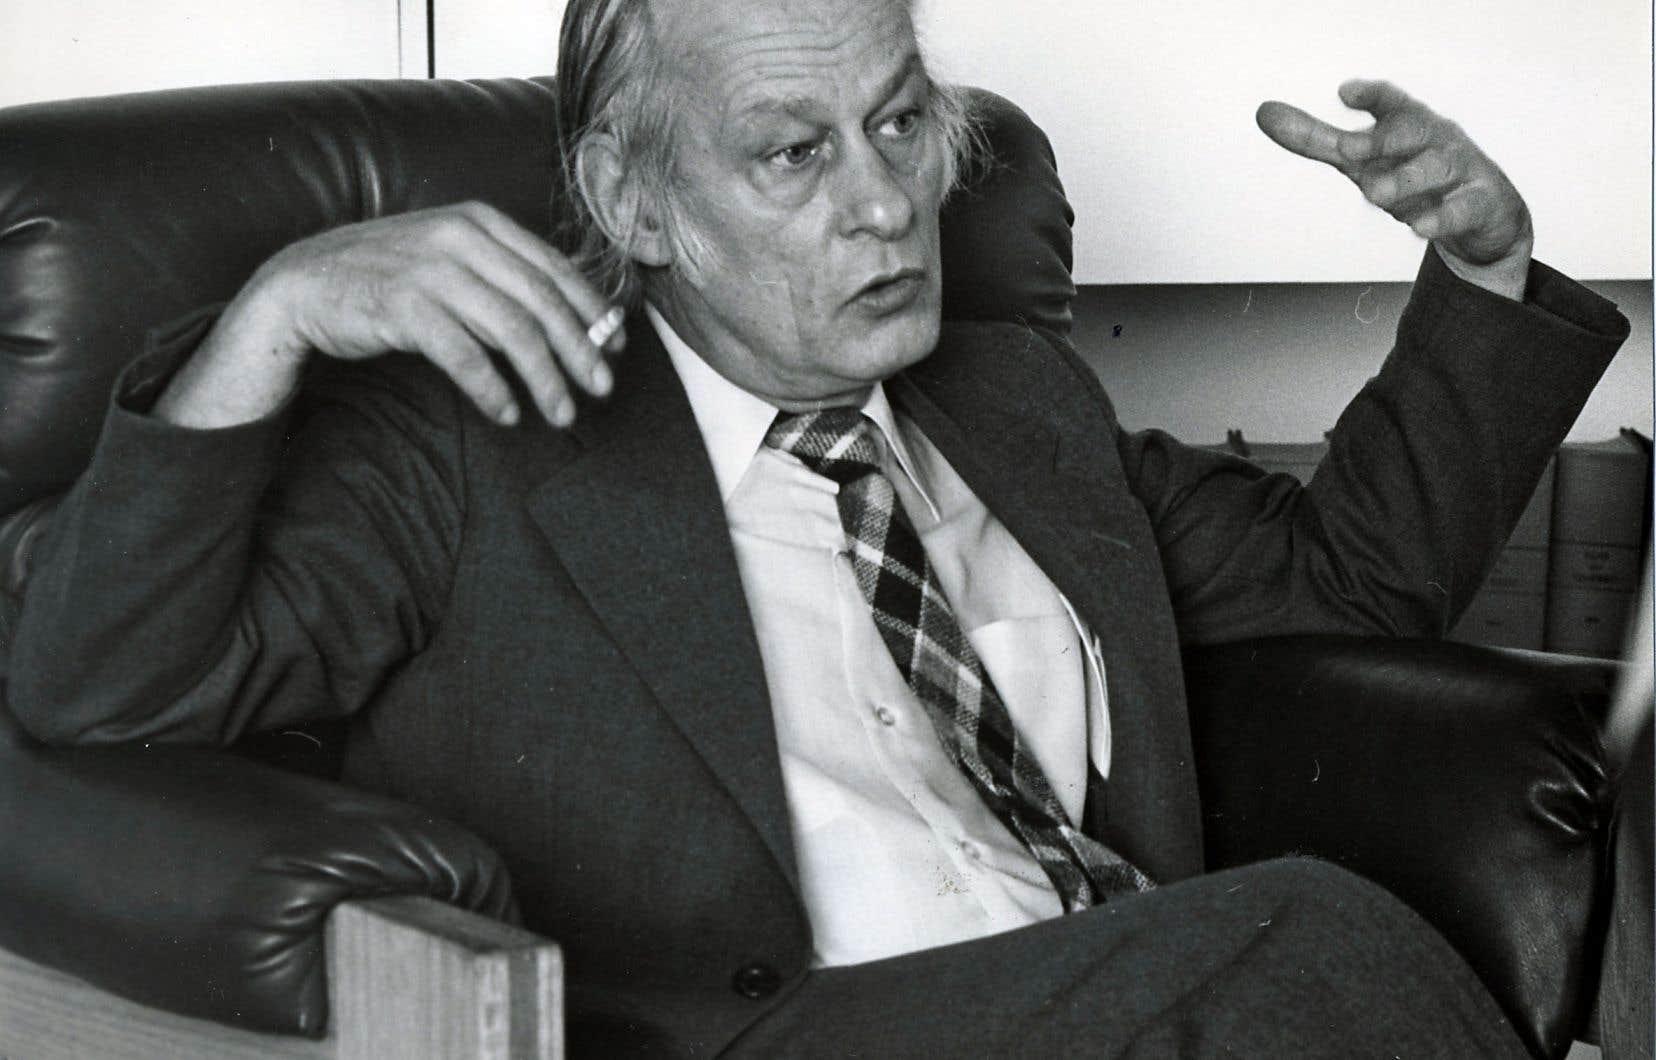 Le tome 2 de la fresque Le gouvernement Lévesque couvre la période s'étendant du triomphe électoral du Parti québécois en 1976 jusqu'à l'élection de 1981.